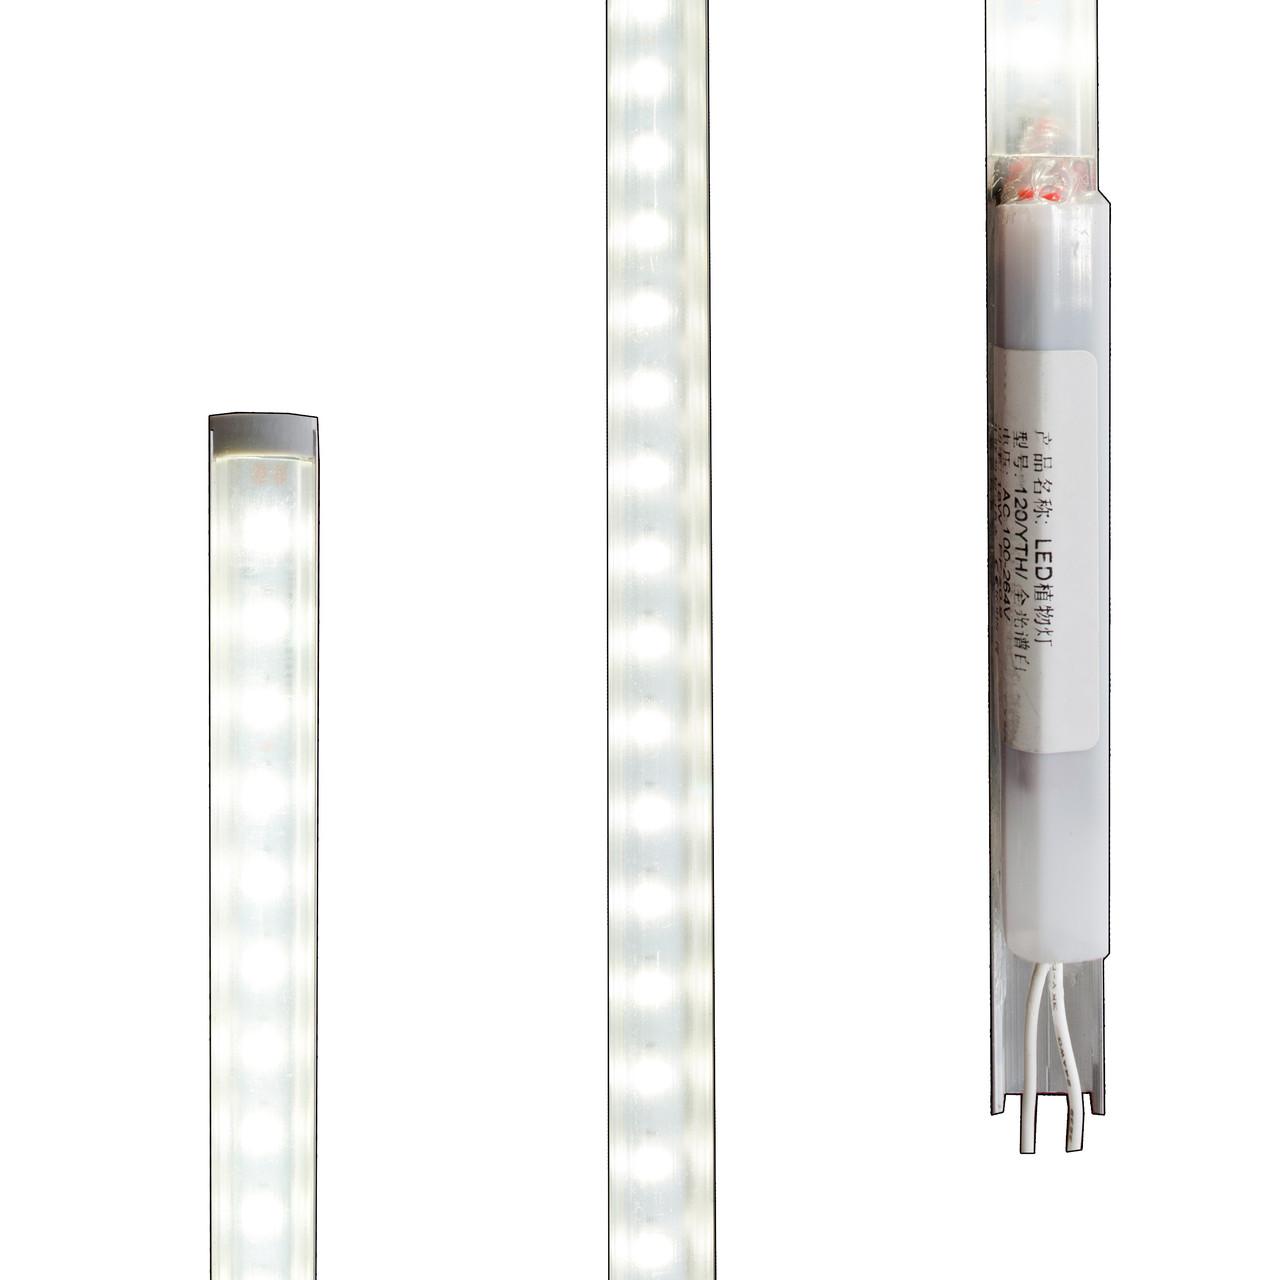 Фитосветильник светодиодный Профиль Full 18 Вт 120 см, свет белый